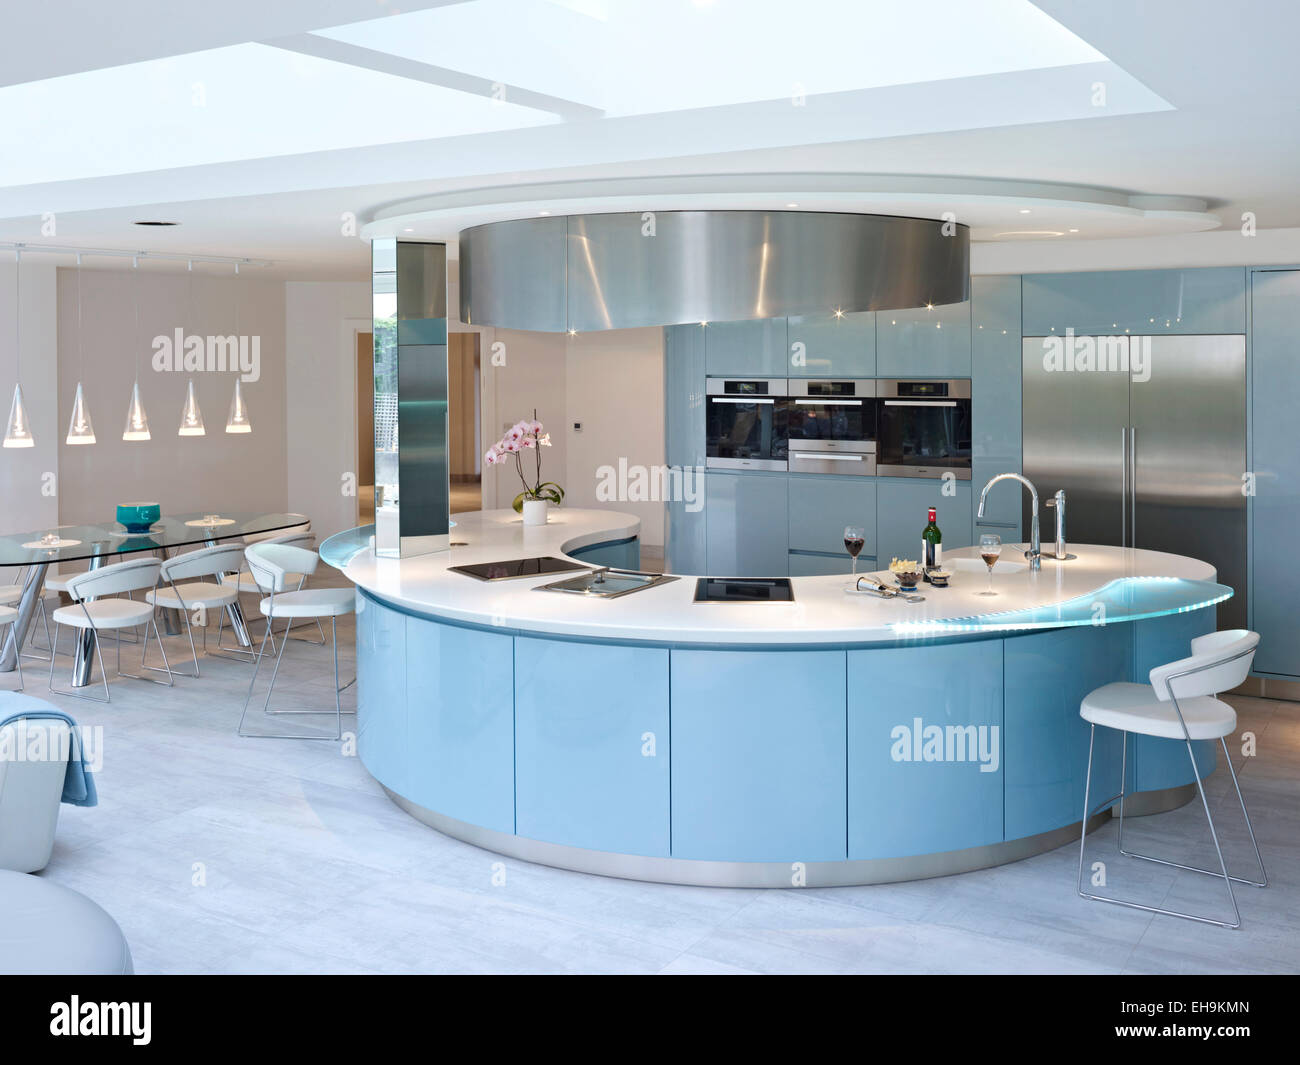 Tolle Blau Küchen Uk Zeitgenössisch - Ideen Für Die Küche Dekoration ...